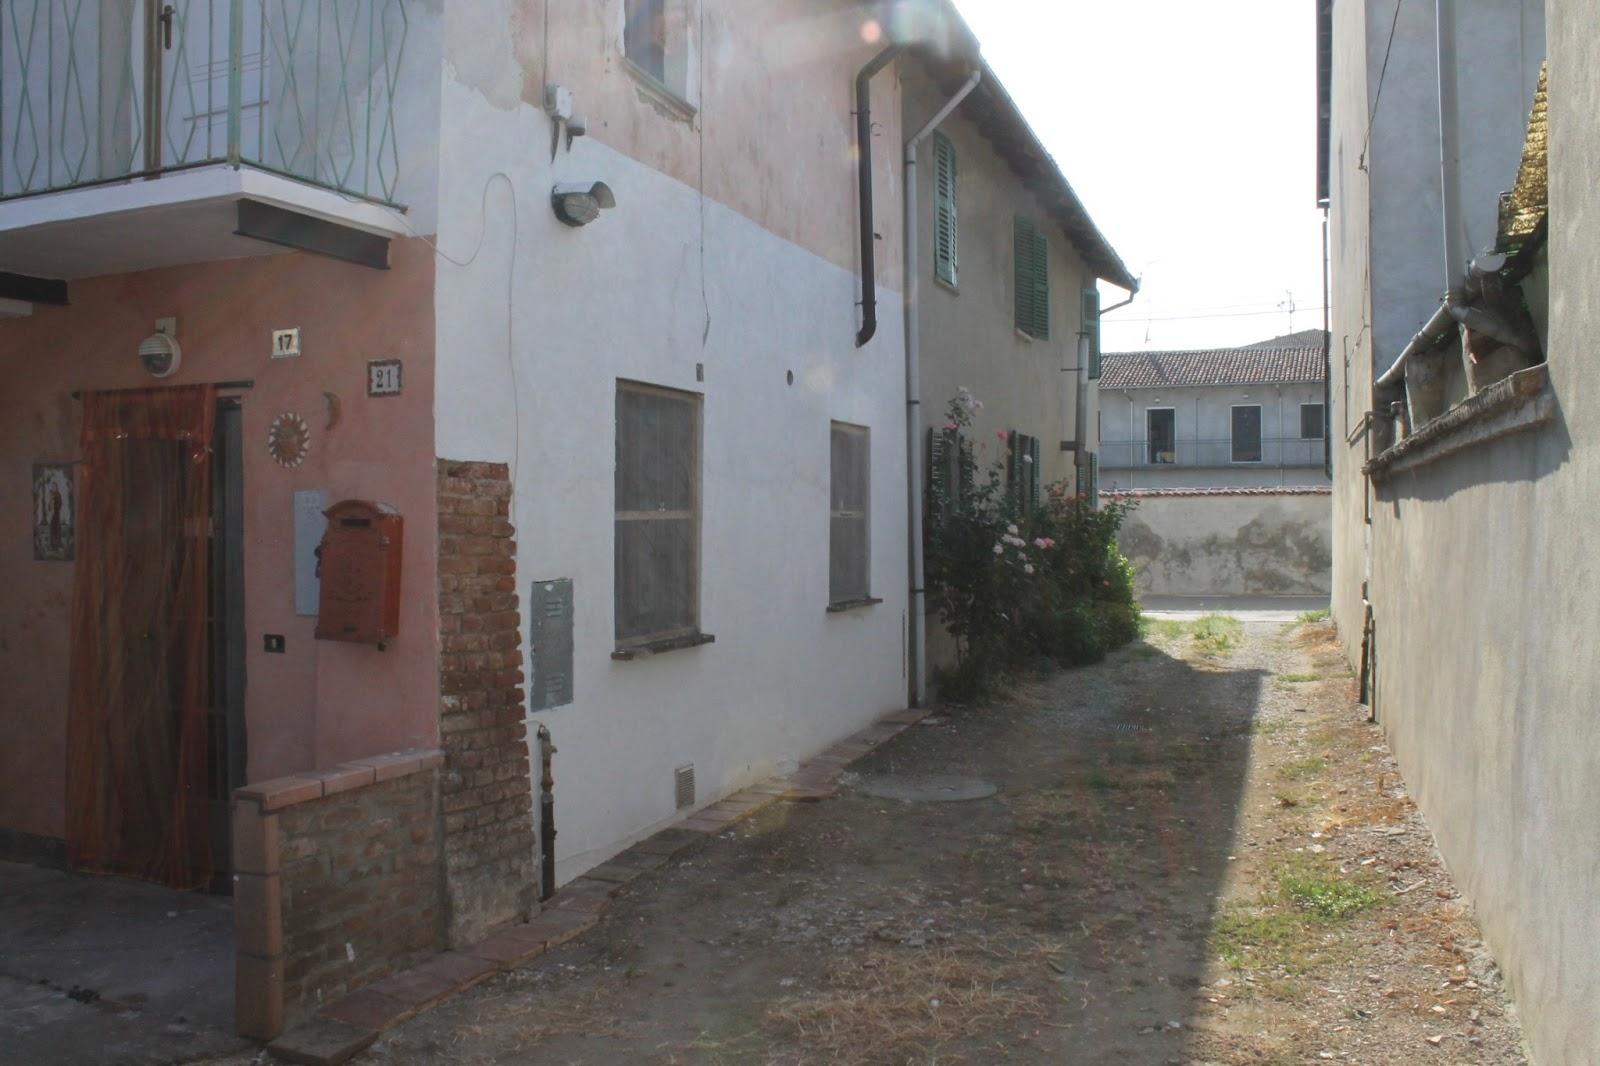 Stupore quotidiano casa di 80mq in vendita a caresana for Piani di casa artigiano rustico